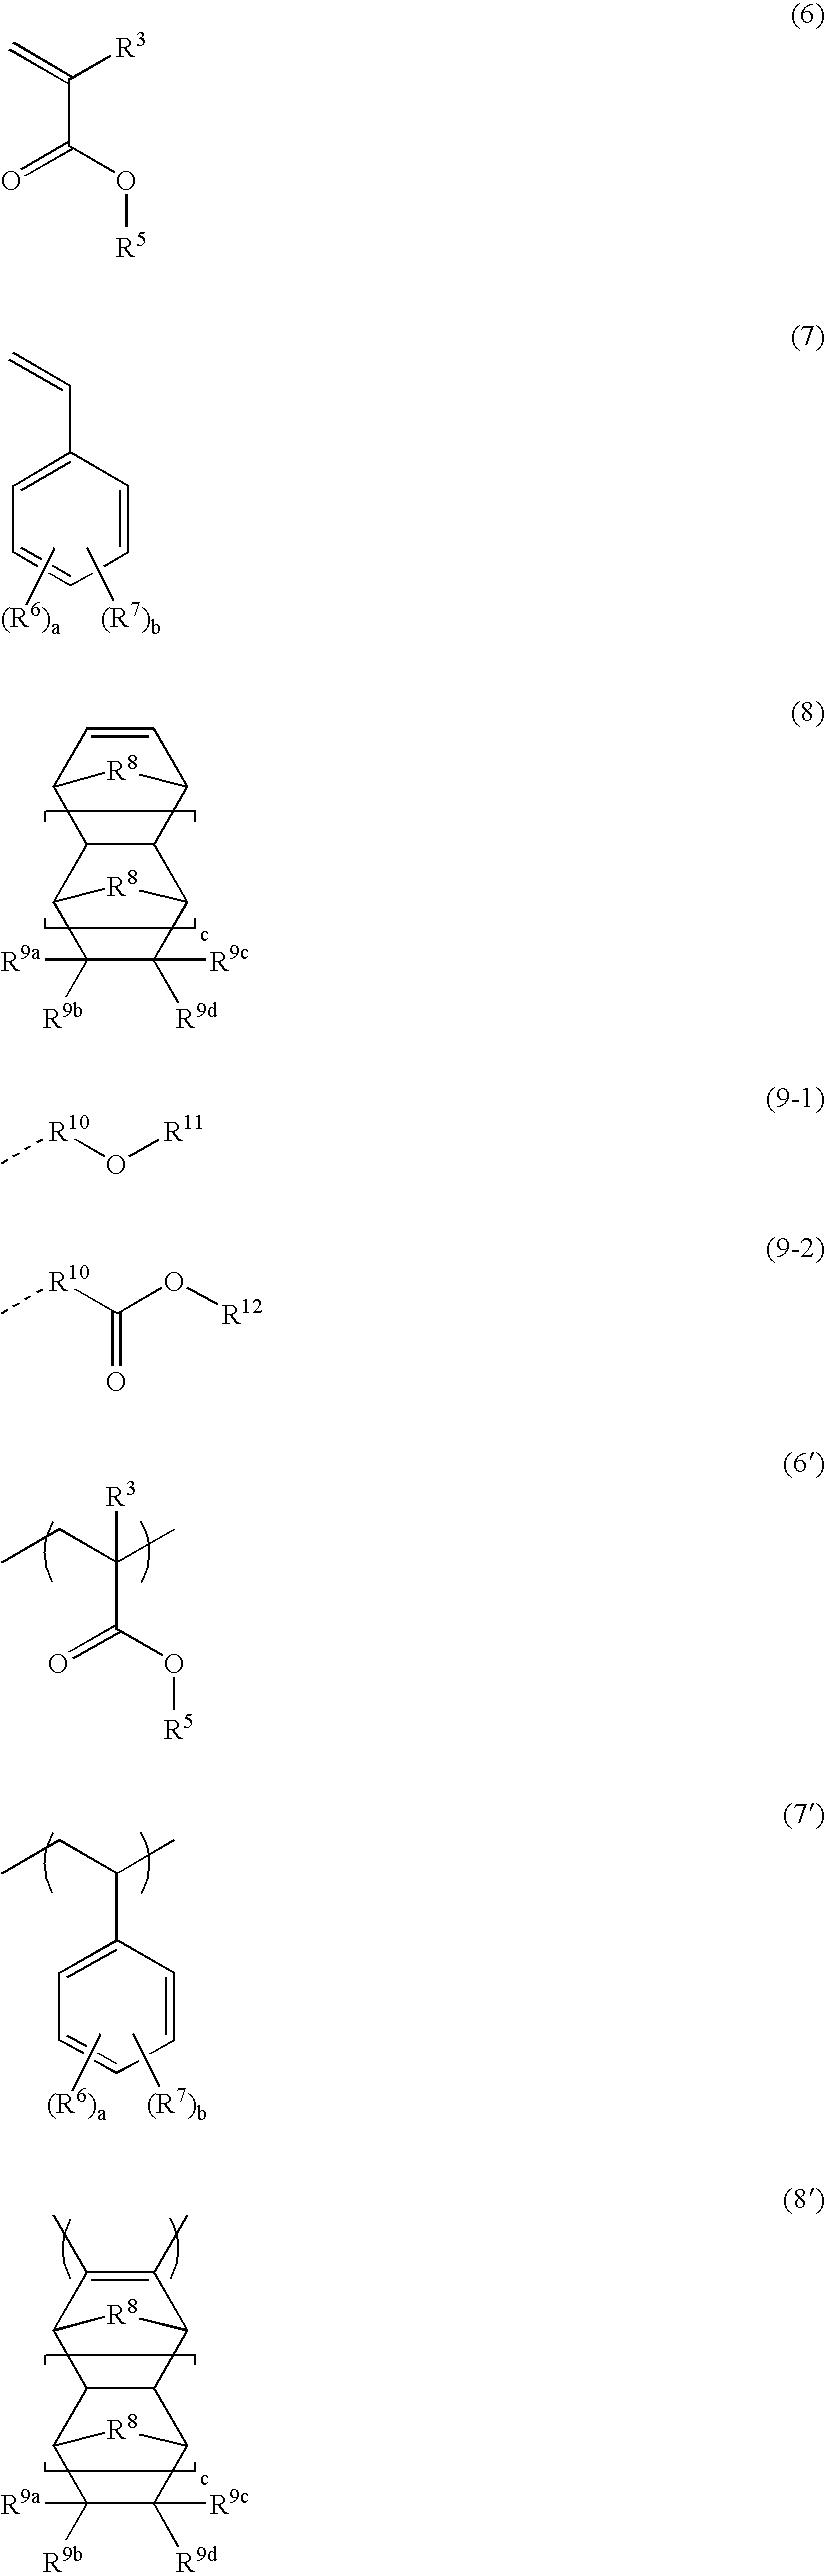 Figure US20060094817A1-20060504-C00040